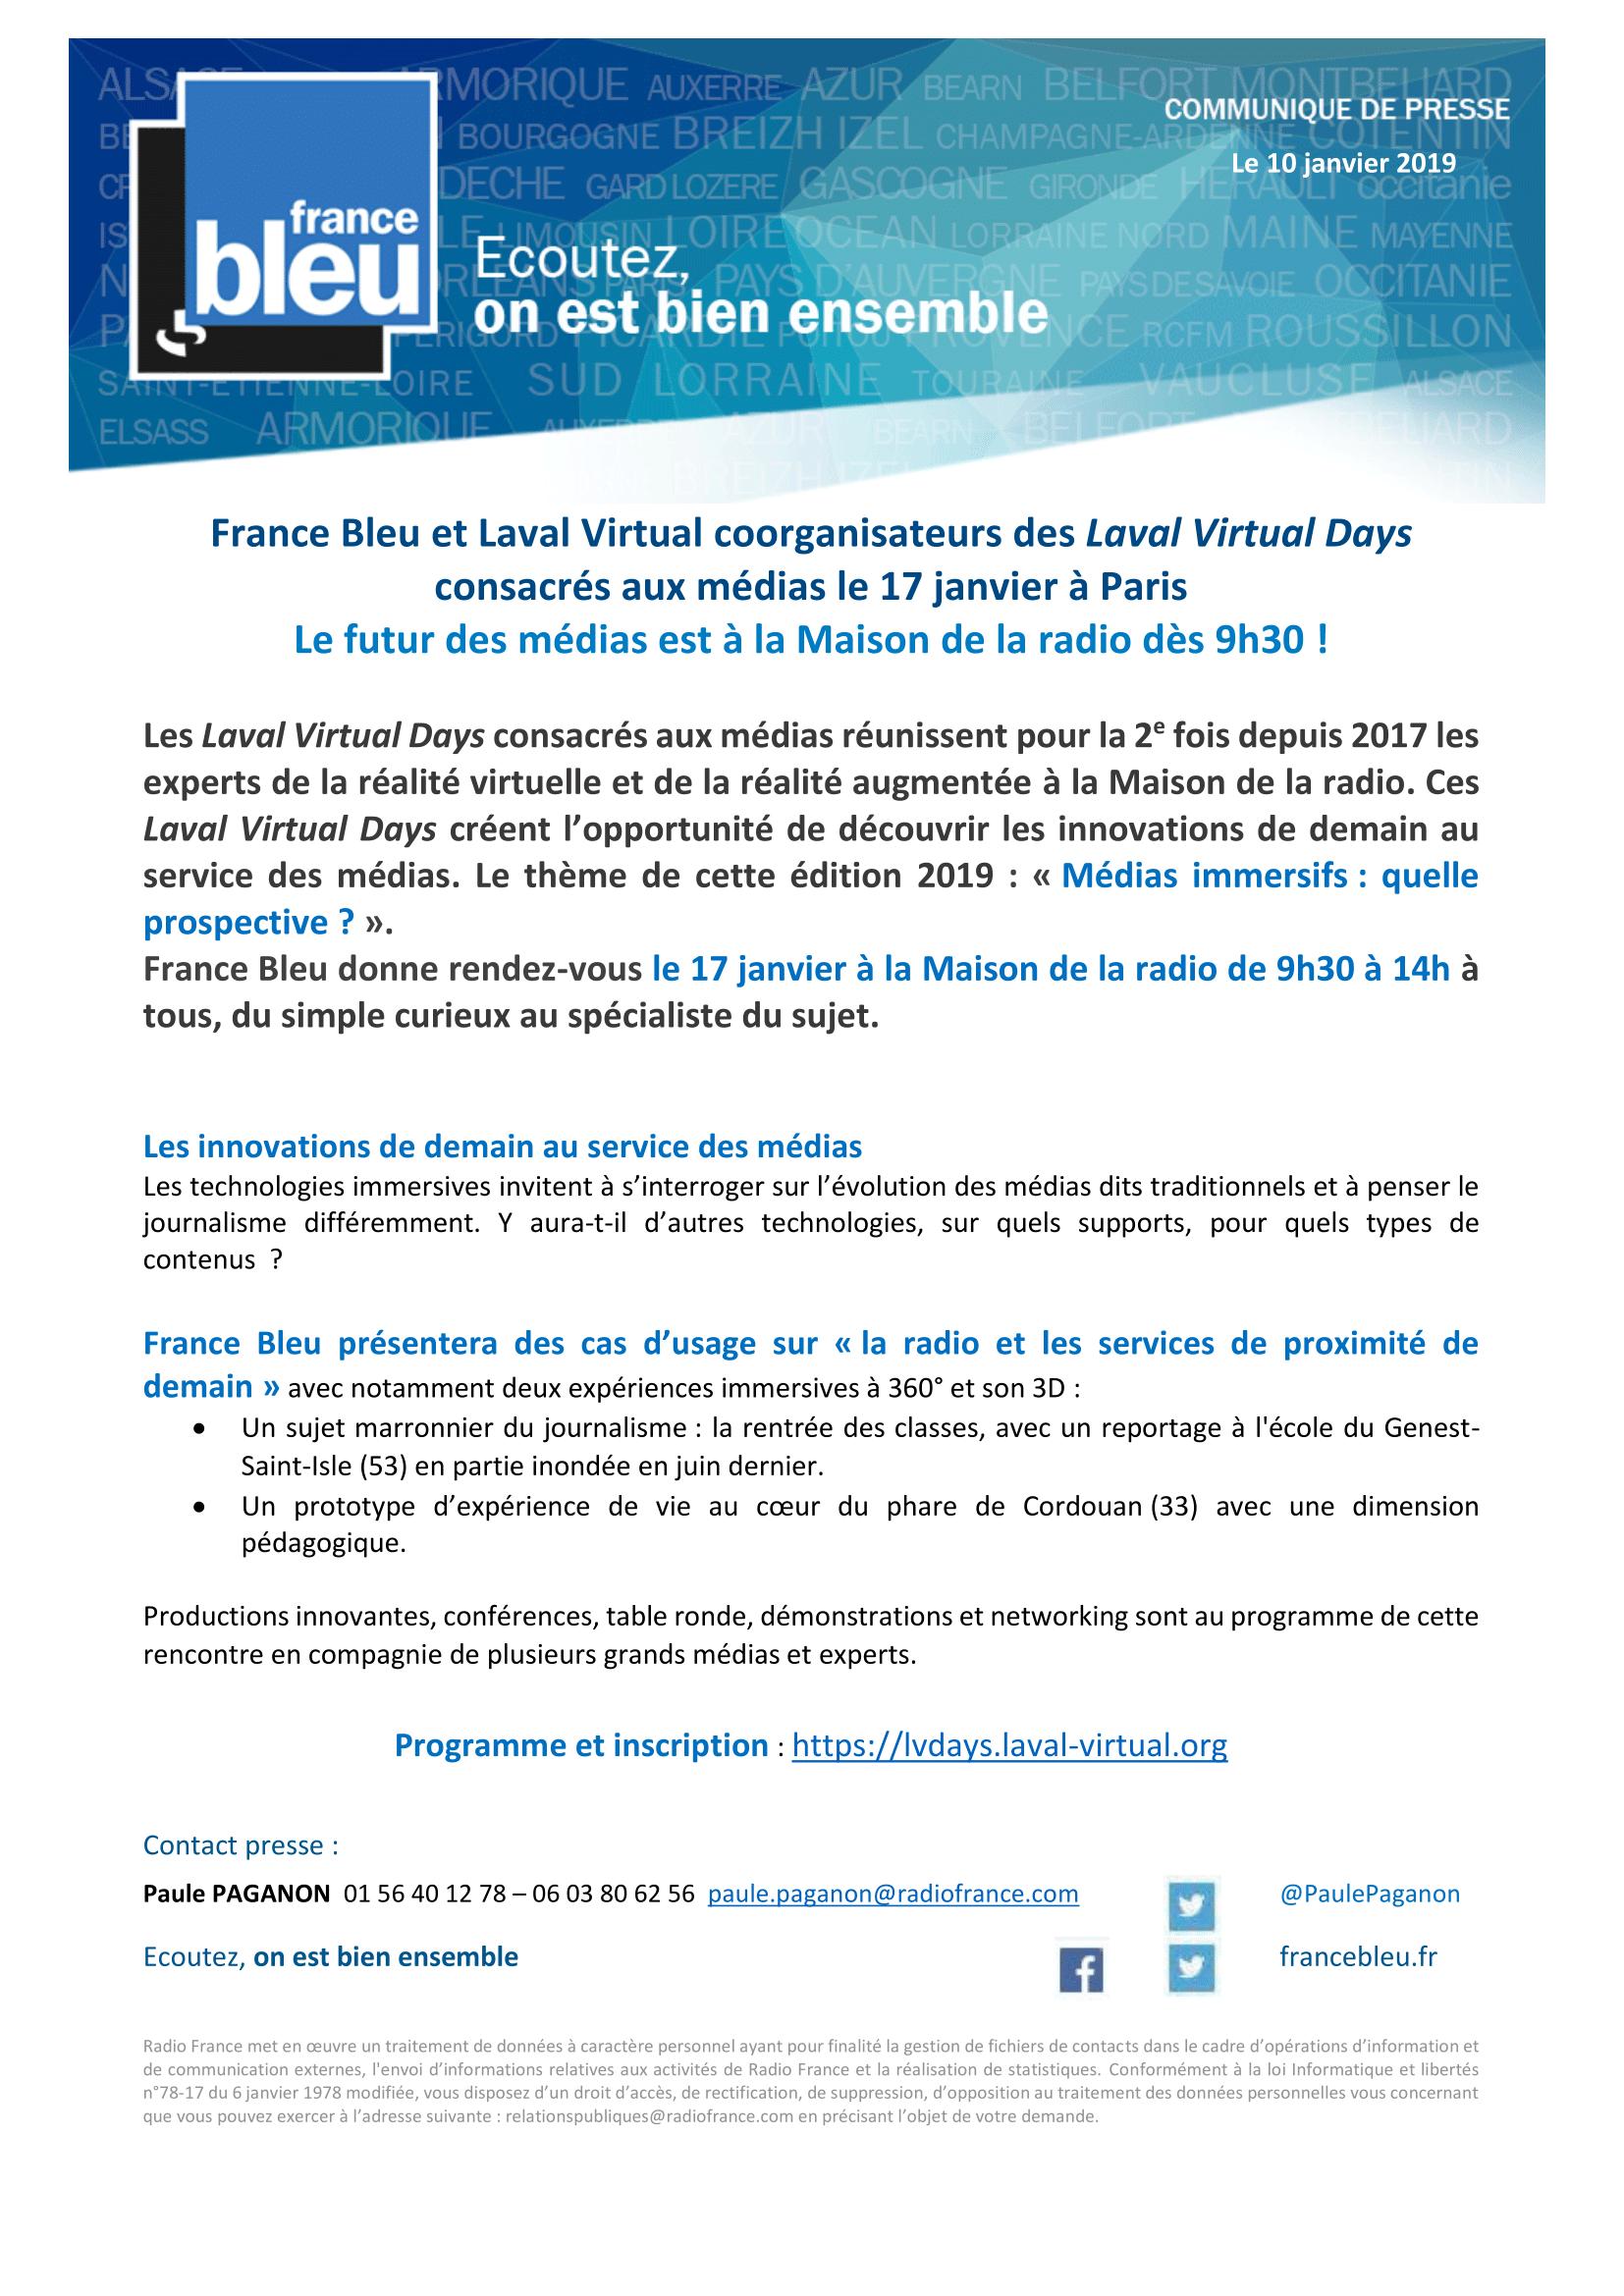 cp_france-bleu-et-les-laval-virtual-days-le-17-janvier-1